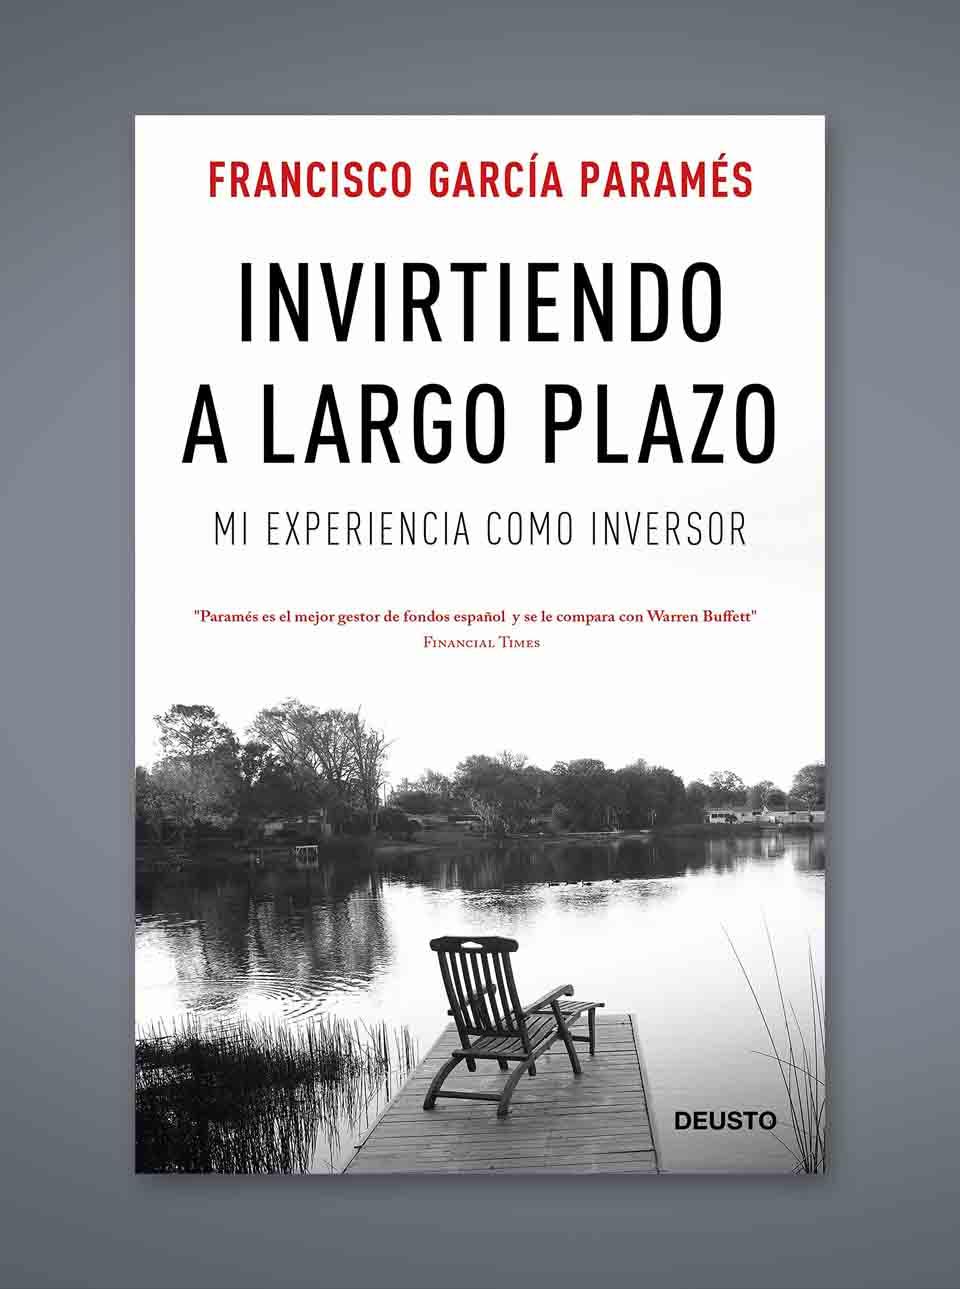 Invirtiendo a largo plazo Francisco García Paramés